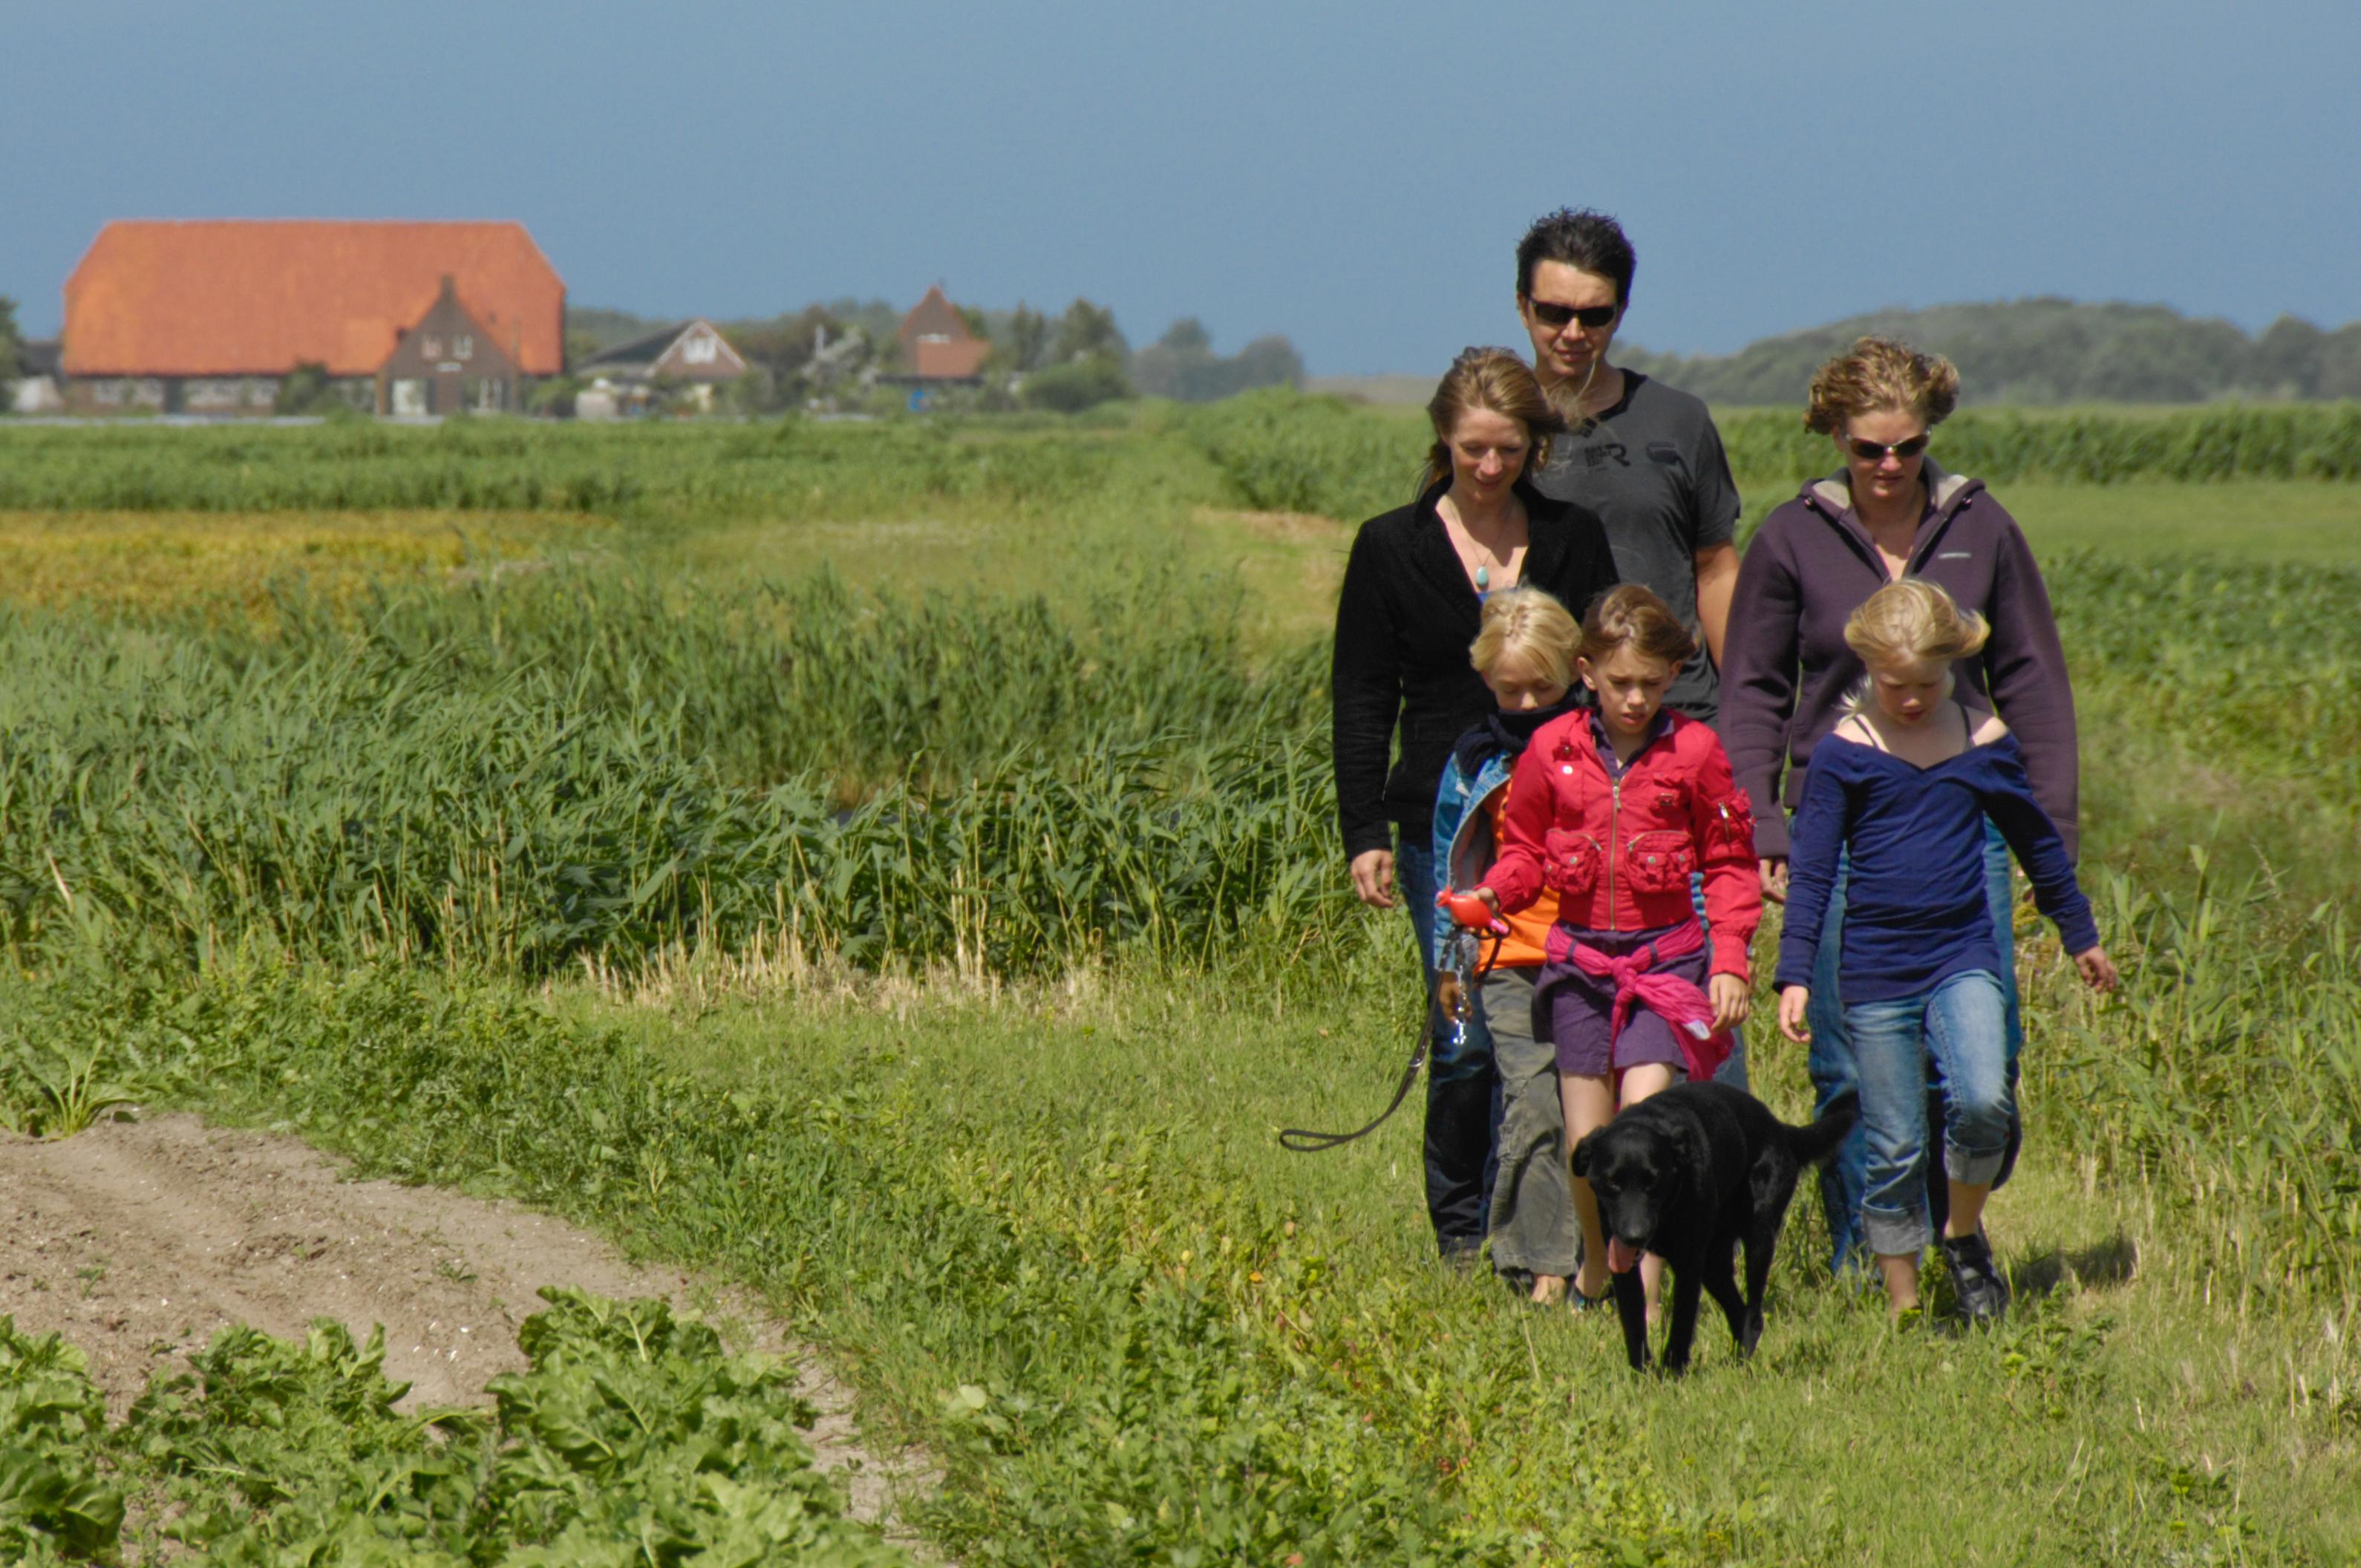 Gezin wandelen Eierland VVV Texel fotograaf Texel Images